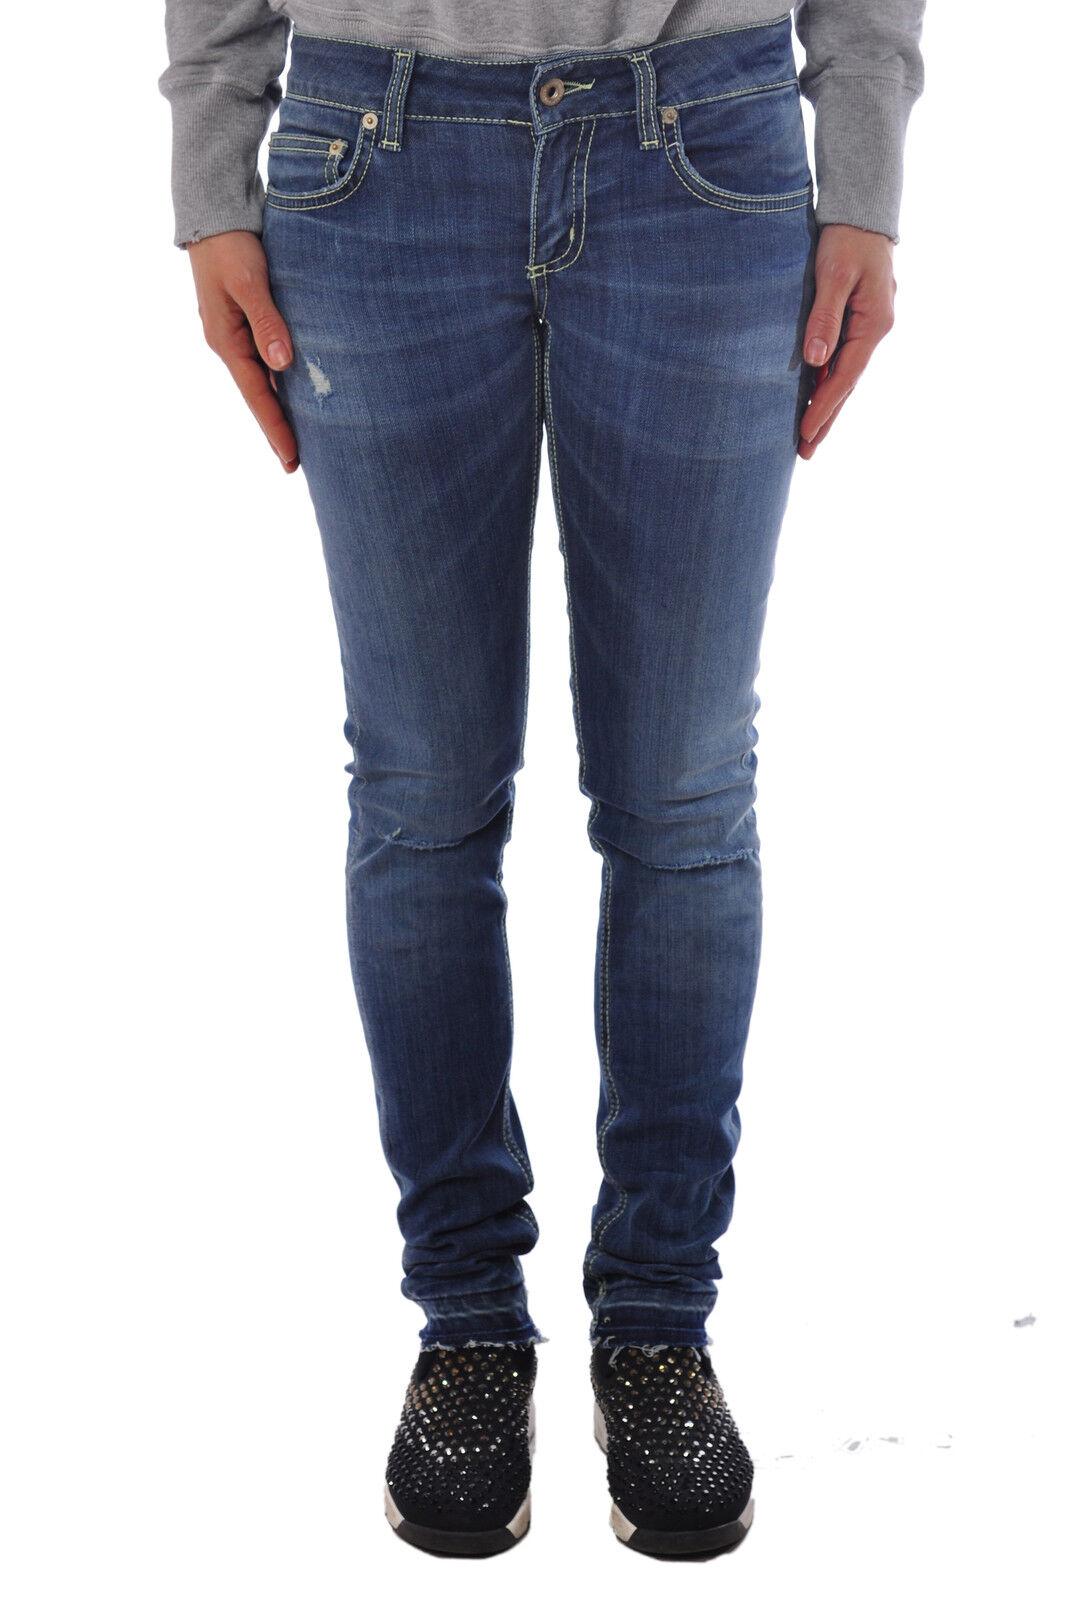 Dondup  -  Pants - Female - 31 - Denim - 1318602B162250